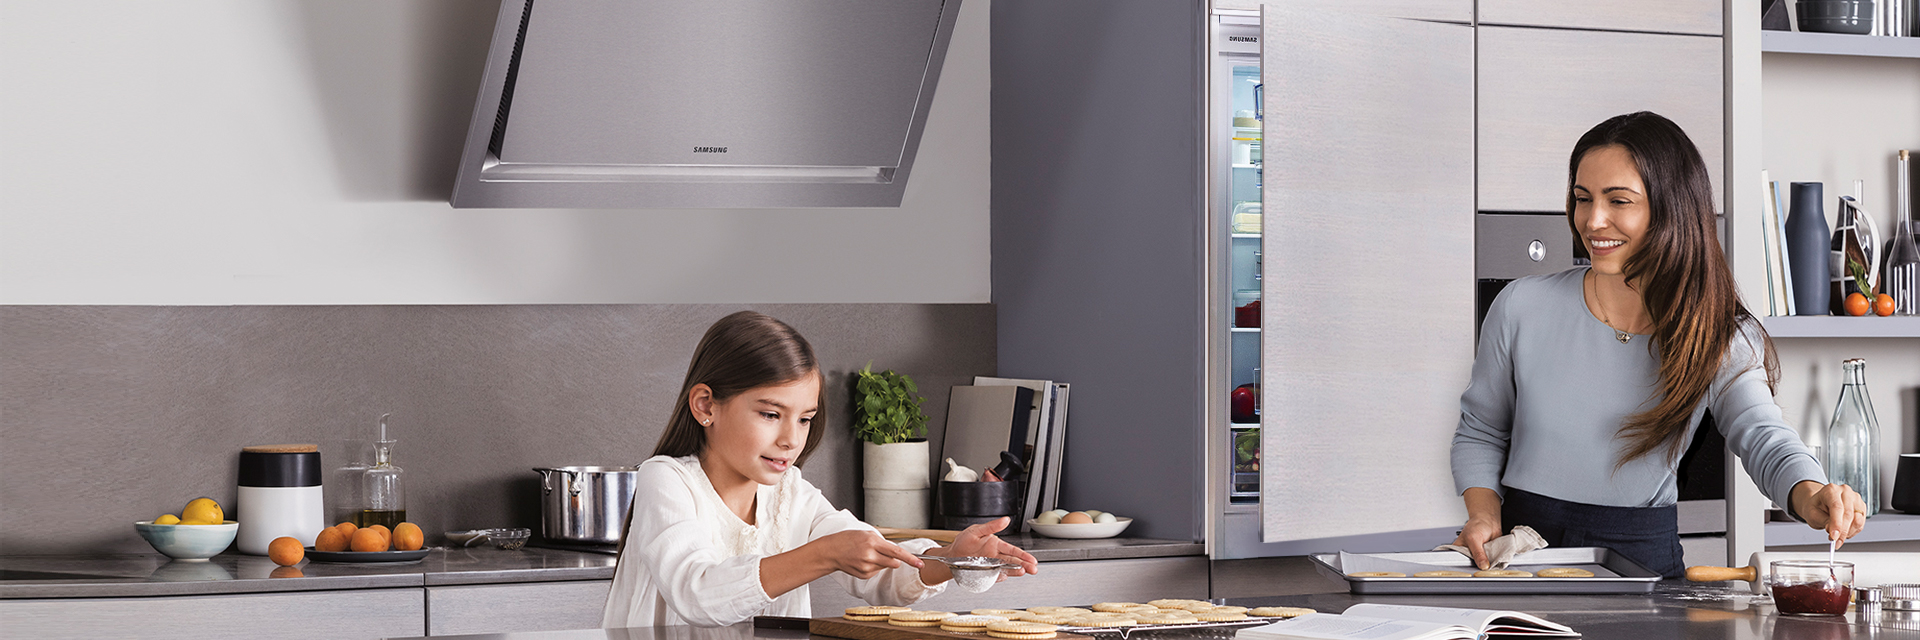 Samsung Spojna Aranzacja Kuchnii Brb260076ww